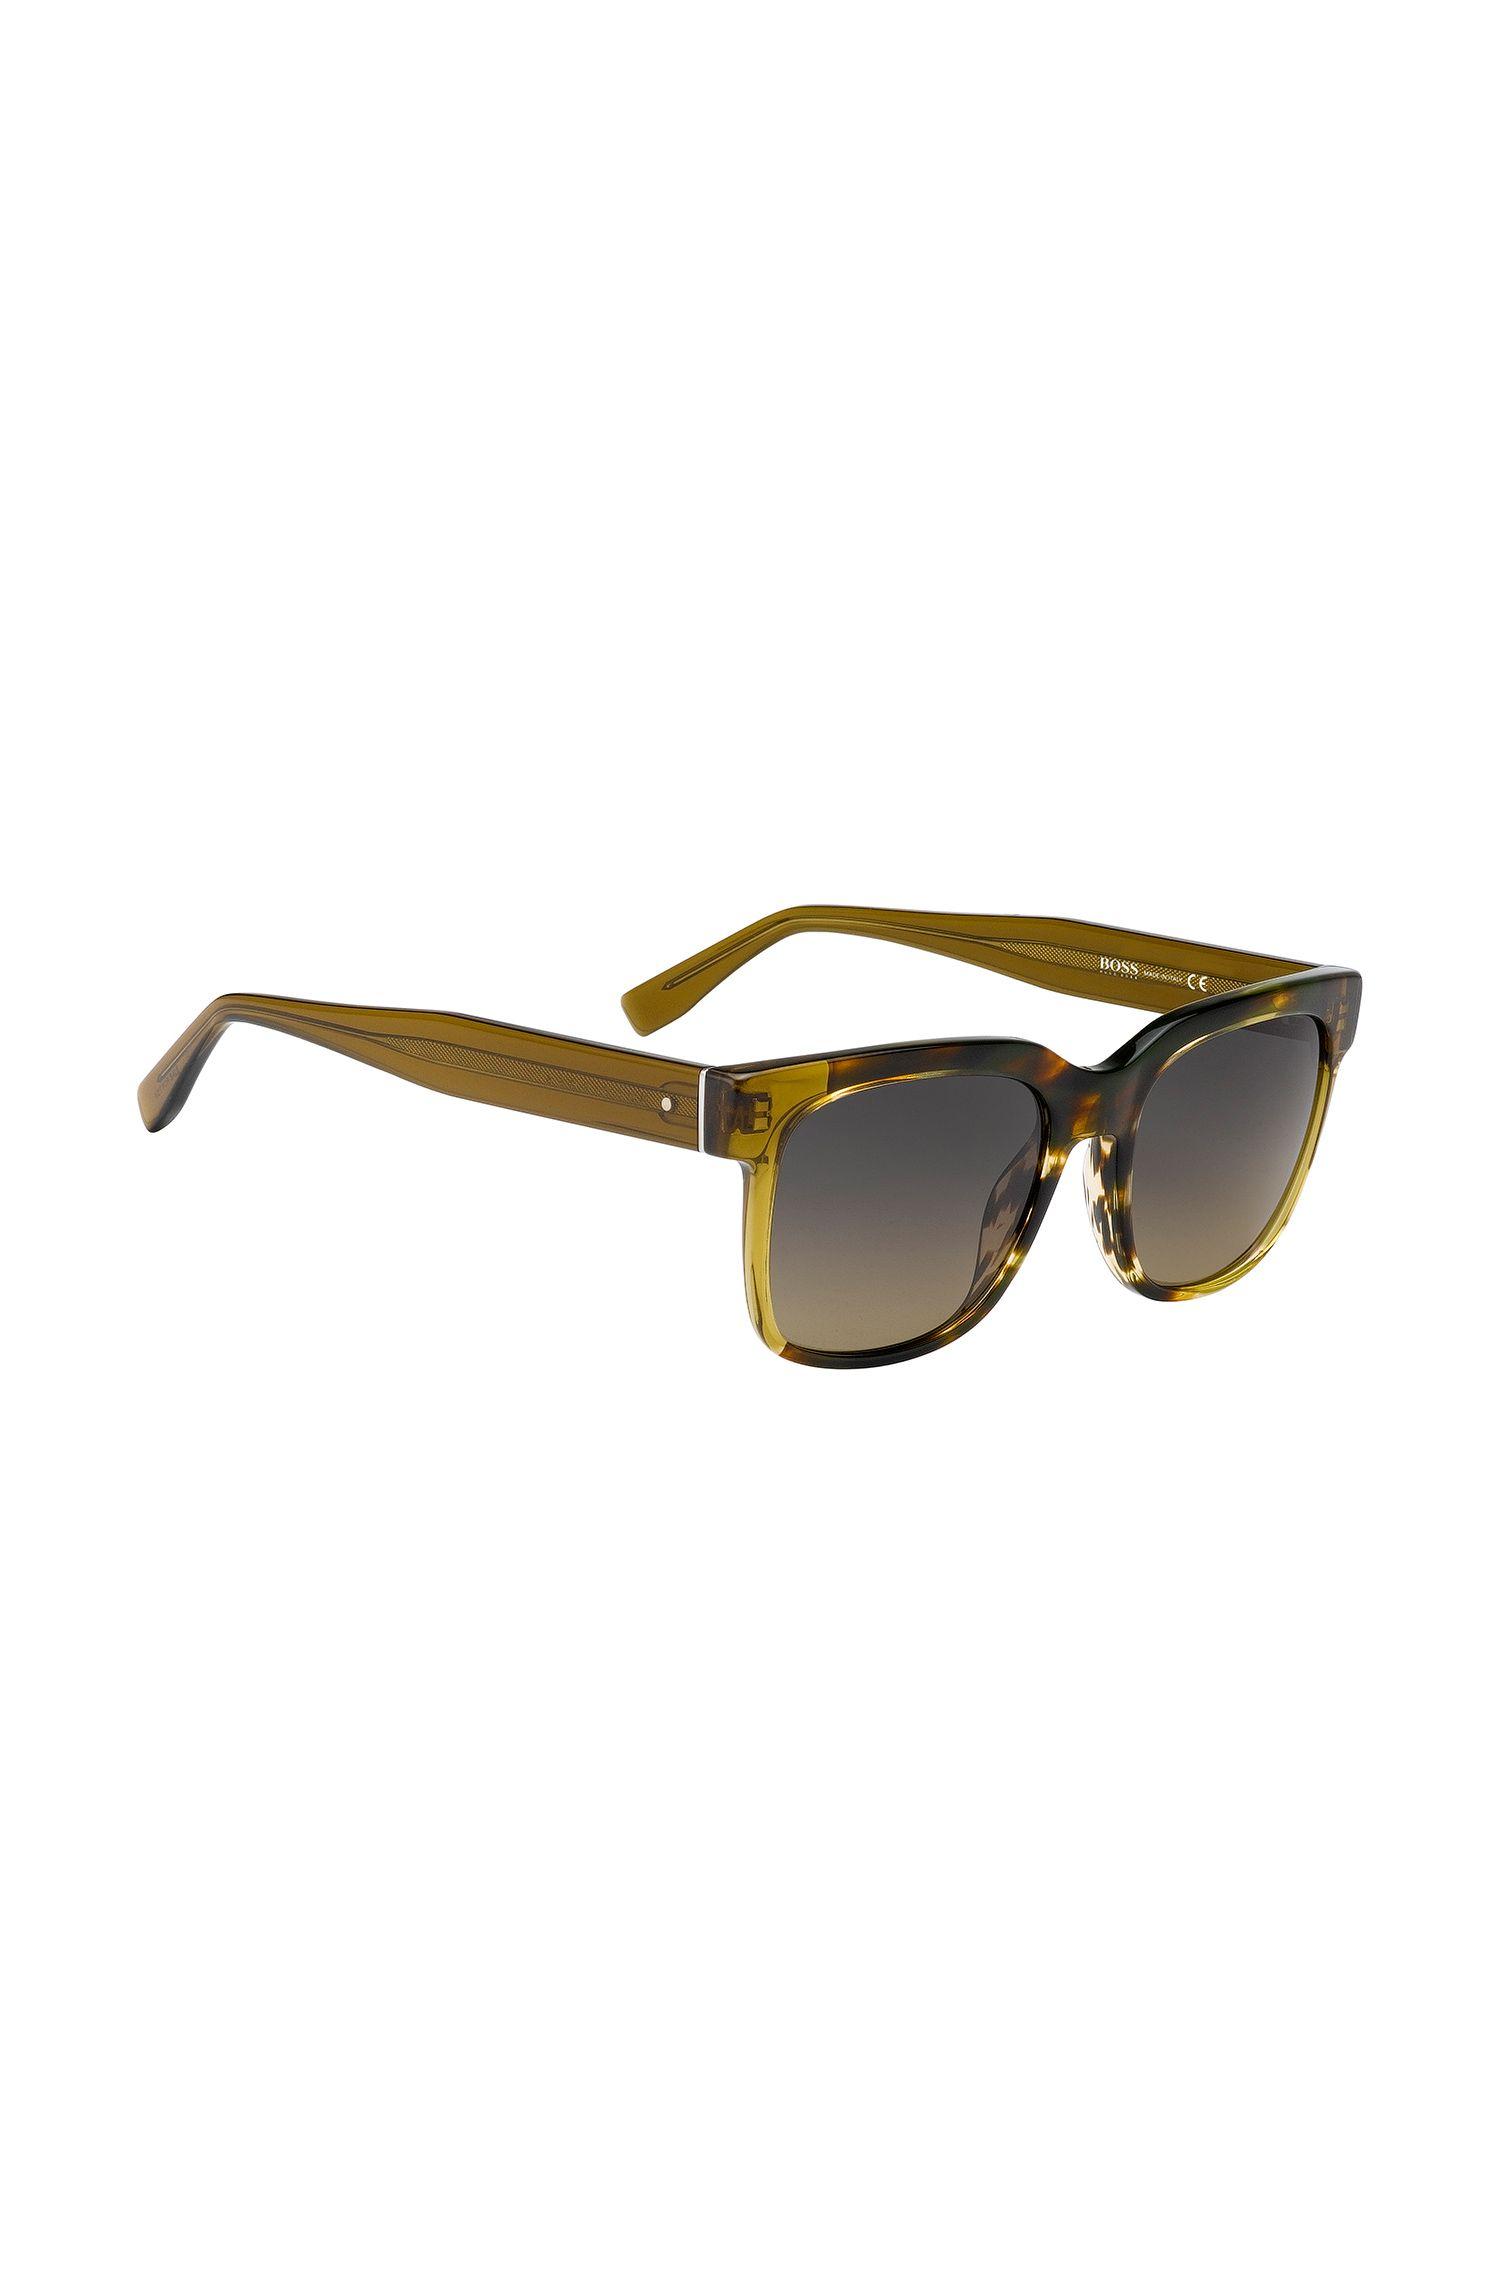 'BOSS 0735S' | Gradient Lens Acetate Sunglasses